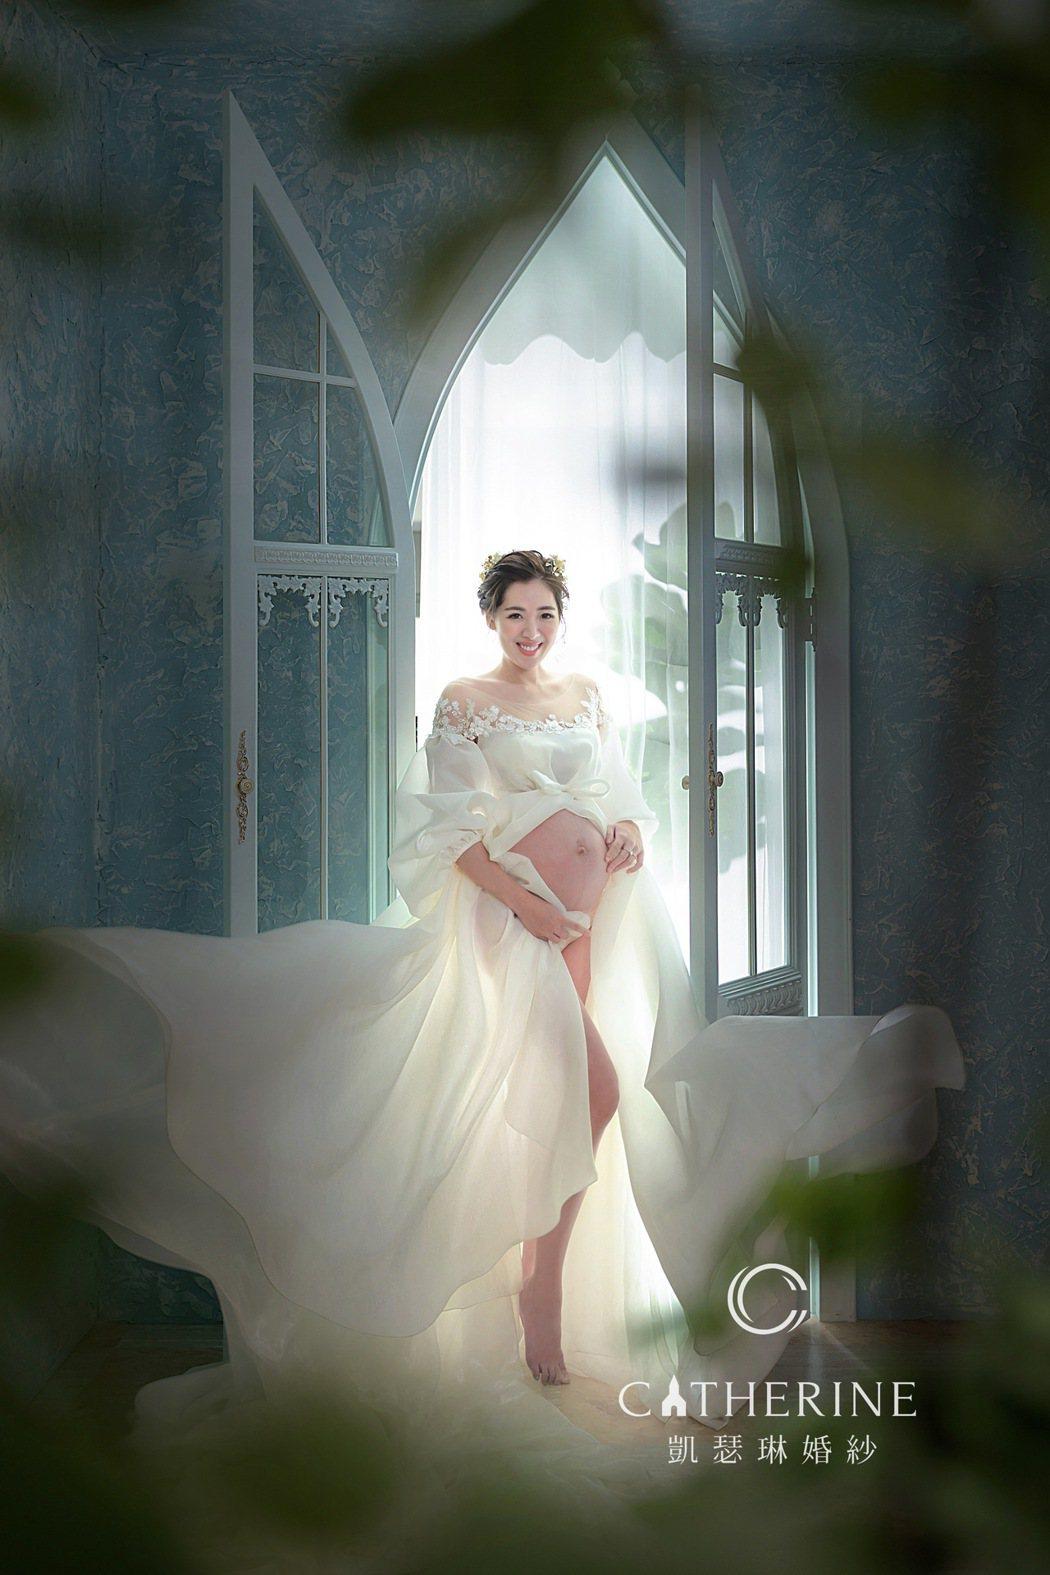 劉伊心在產前留下最美的紀錄。圖/凱瑟琳婚紗攝影